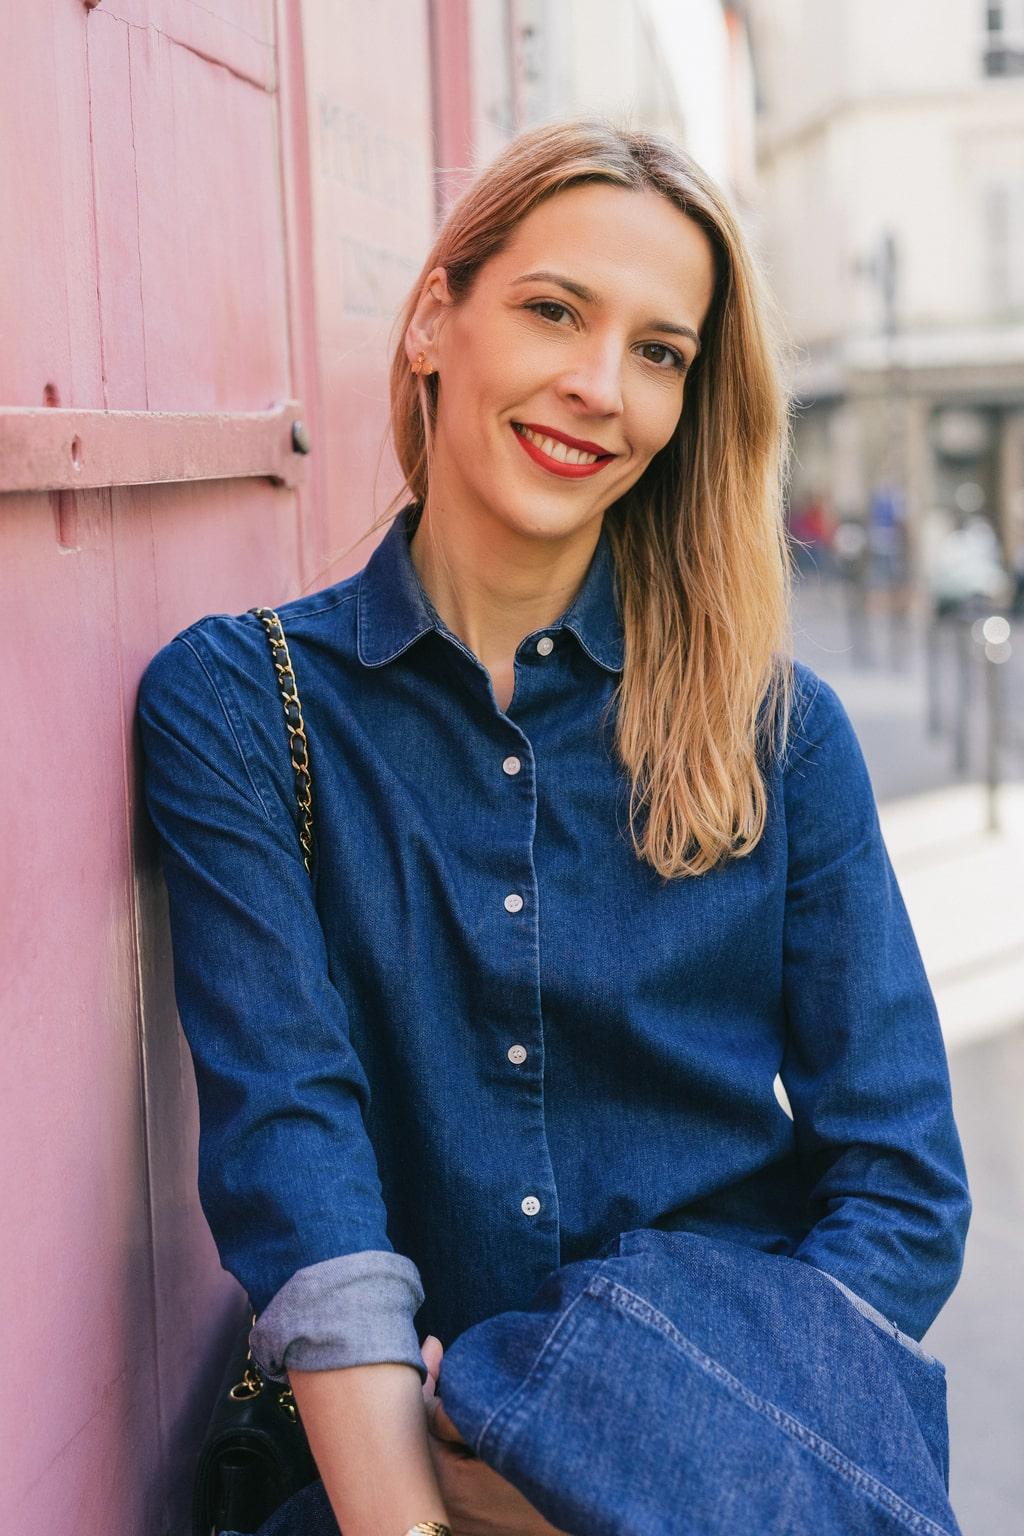 f9103f60484 L hiver touche à sa fin et j avais envie de vous proposer trois façons  différentes de porter la chemise en jean. C est un basique du Dressing  Idéal que ...